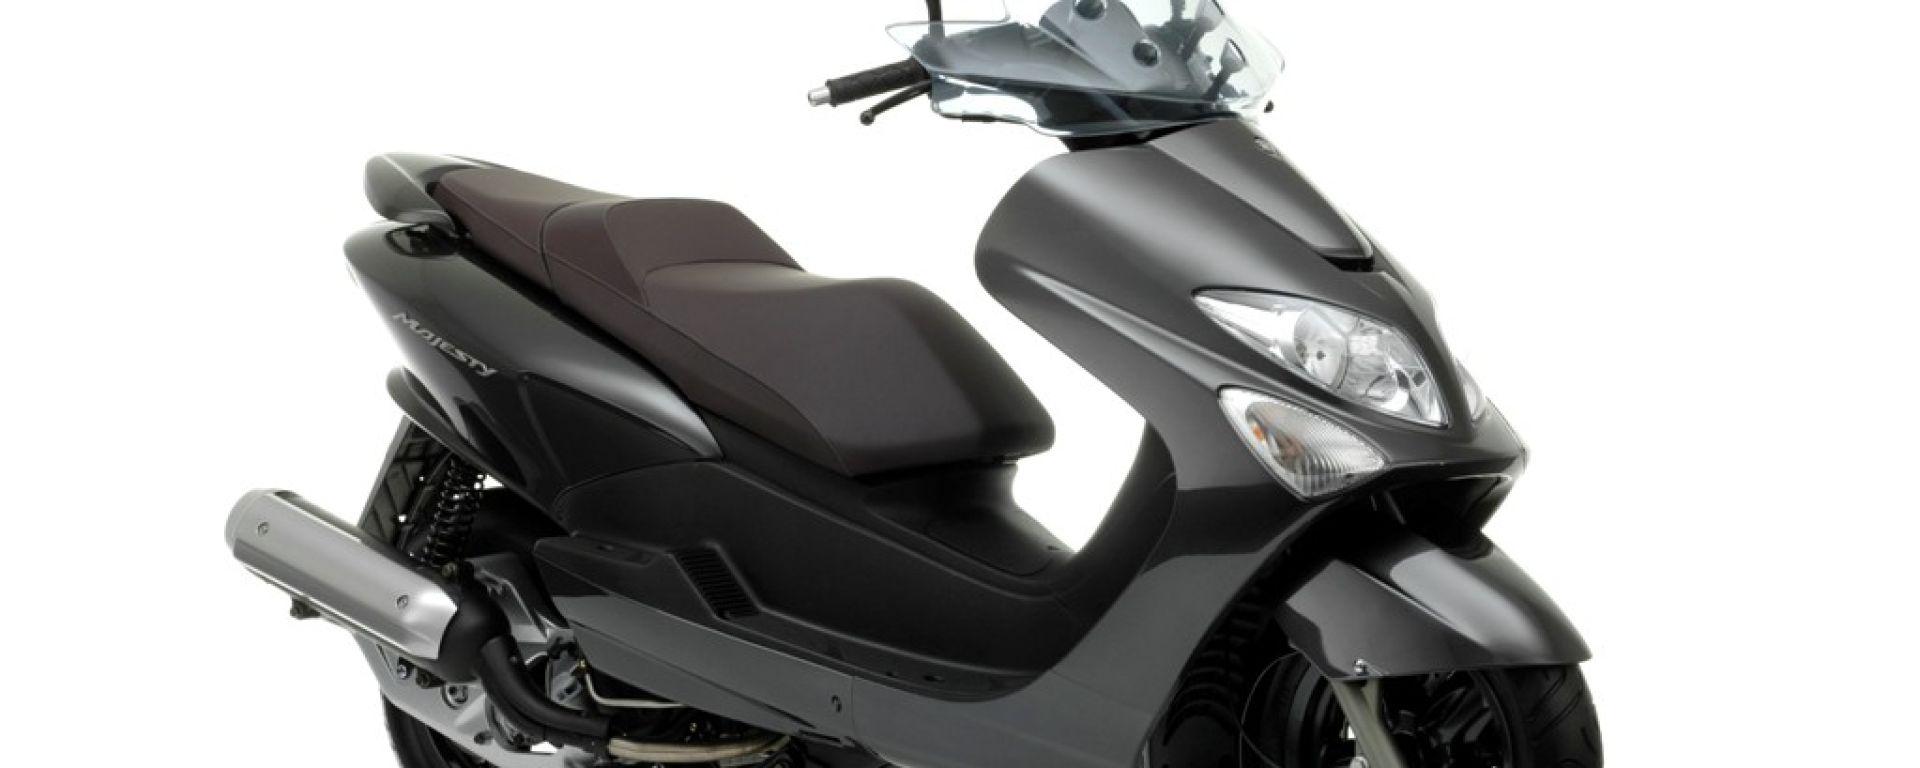 Yamaha Majesty 125